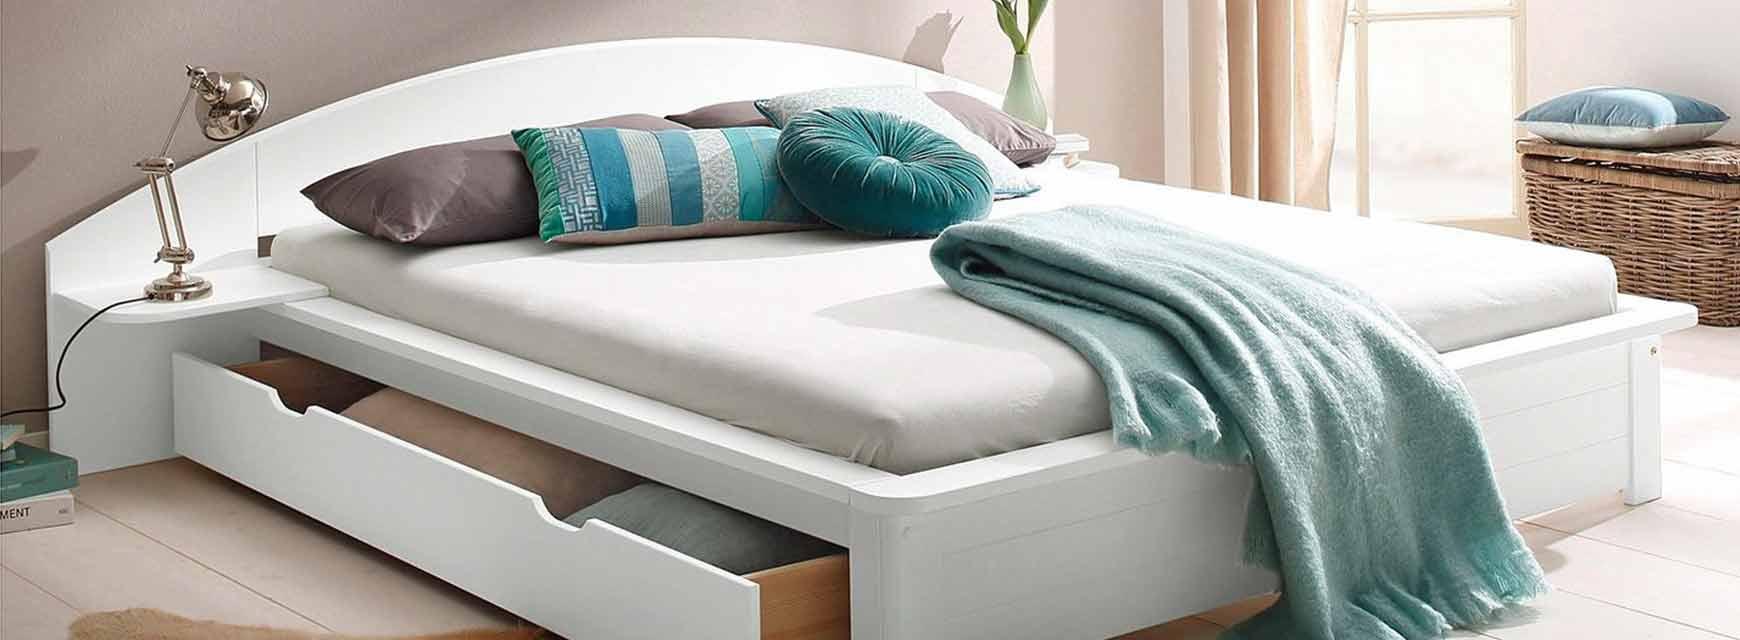 Full Size of Schlafzimmer Betten Mit Aufbewahrung Schubladen Hohe Bettkasten Bei Ikea Günstig Kaufen überlänge Ebay 180x200 Münster Rauch Düsseldorf Treca Bett Hohe Betten